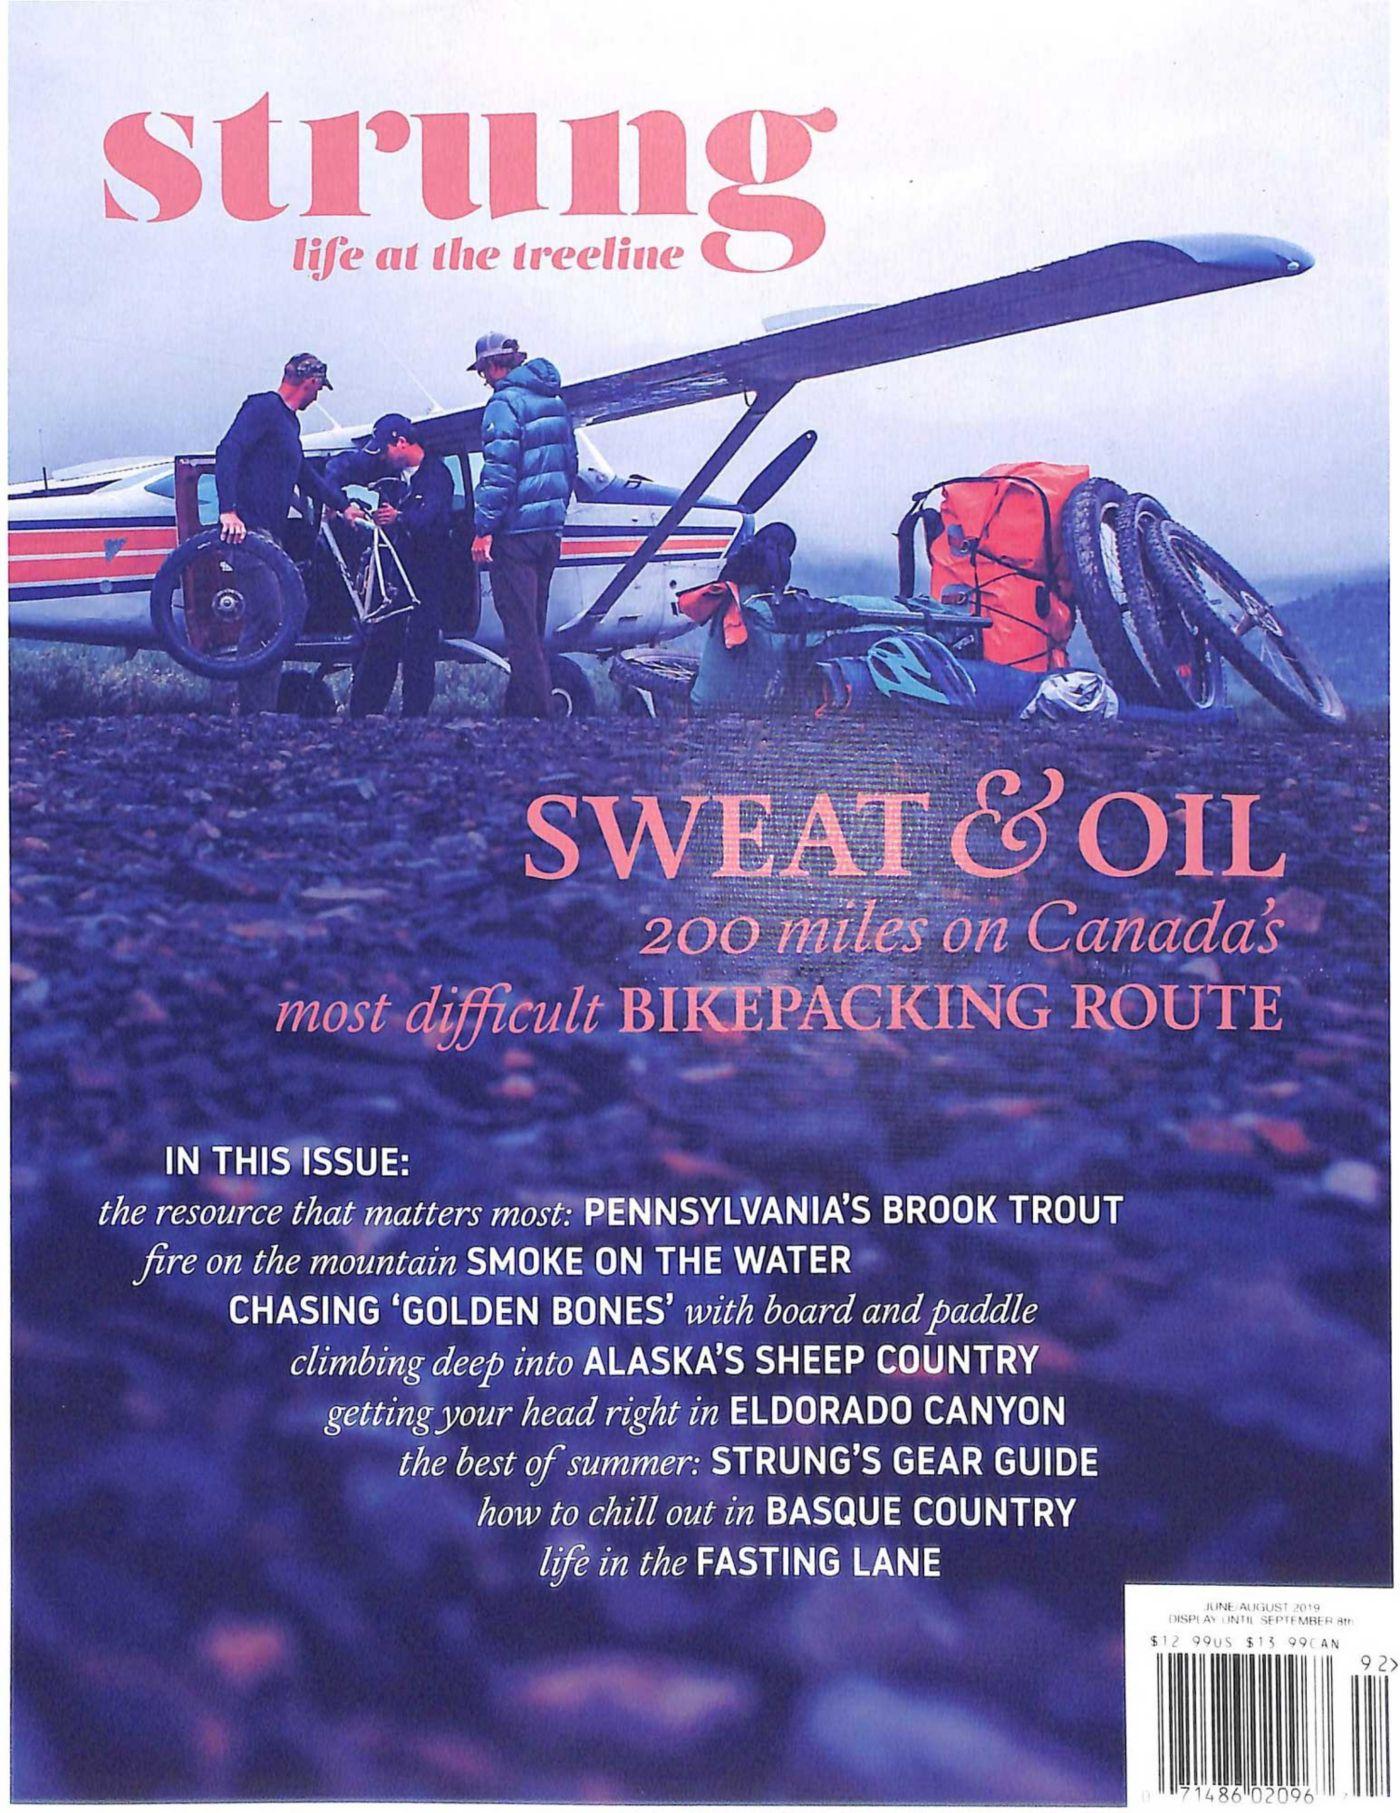 Strung Magazine Summer Travel Issue 2019